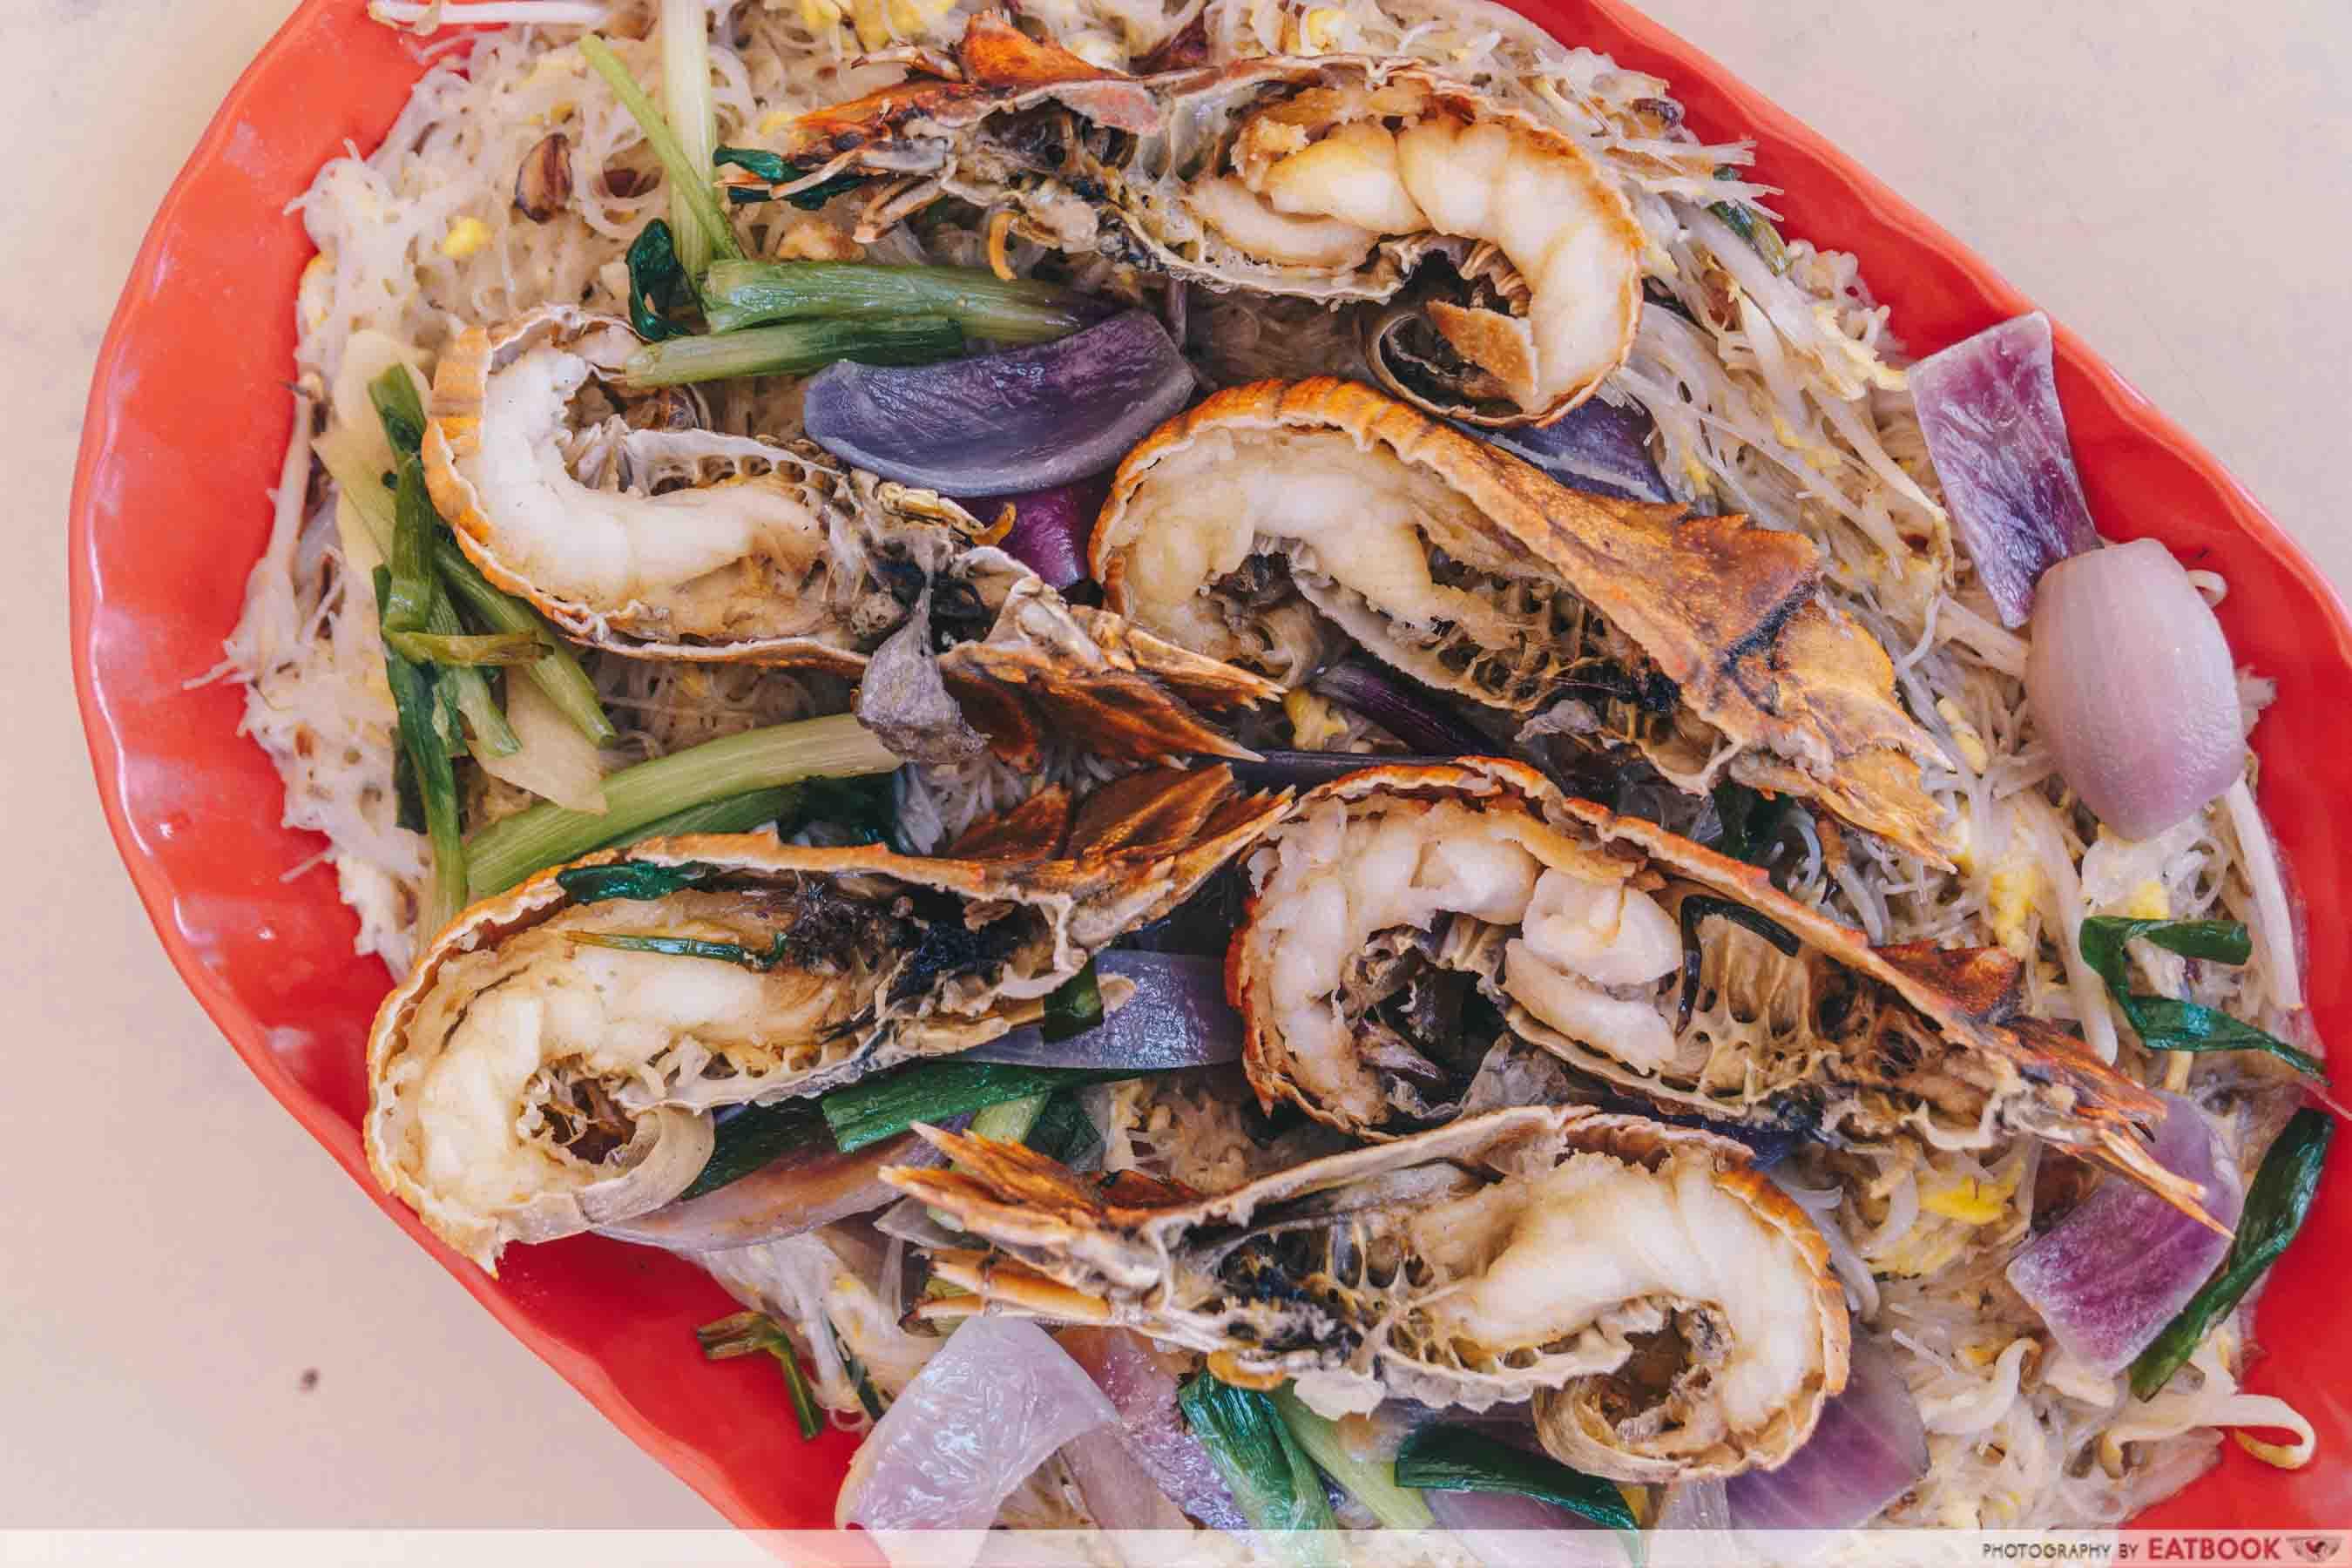 Jom Makan BBQ Seafood - Crayfish Intro Shot